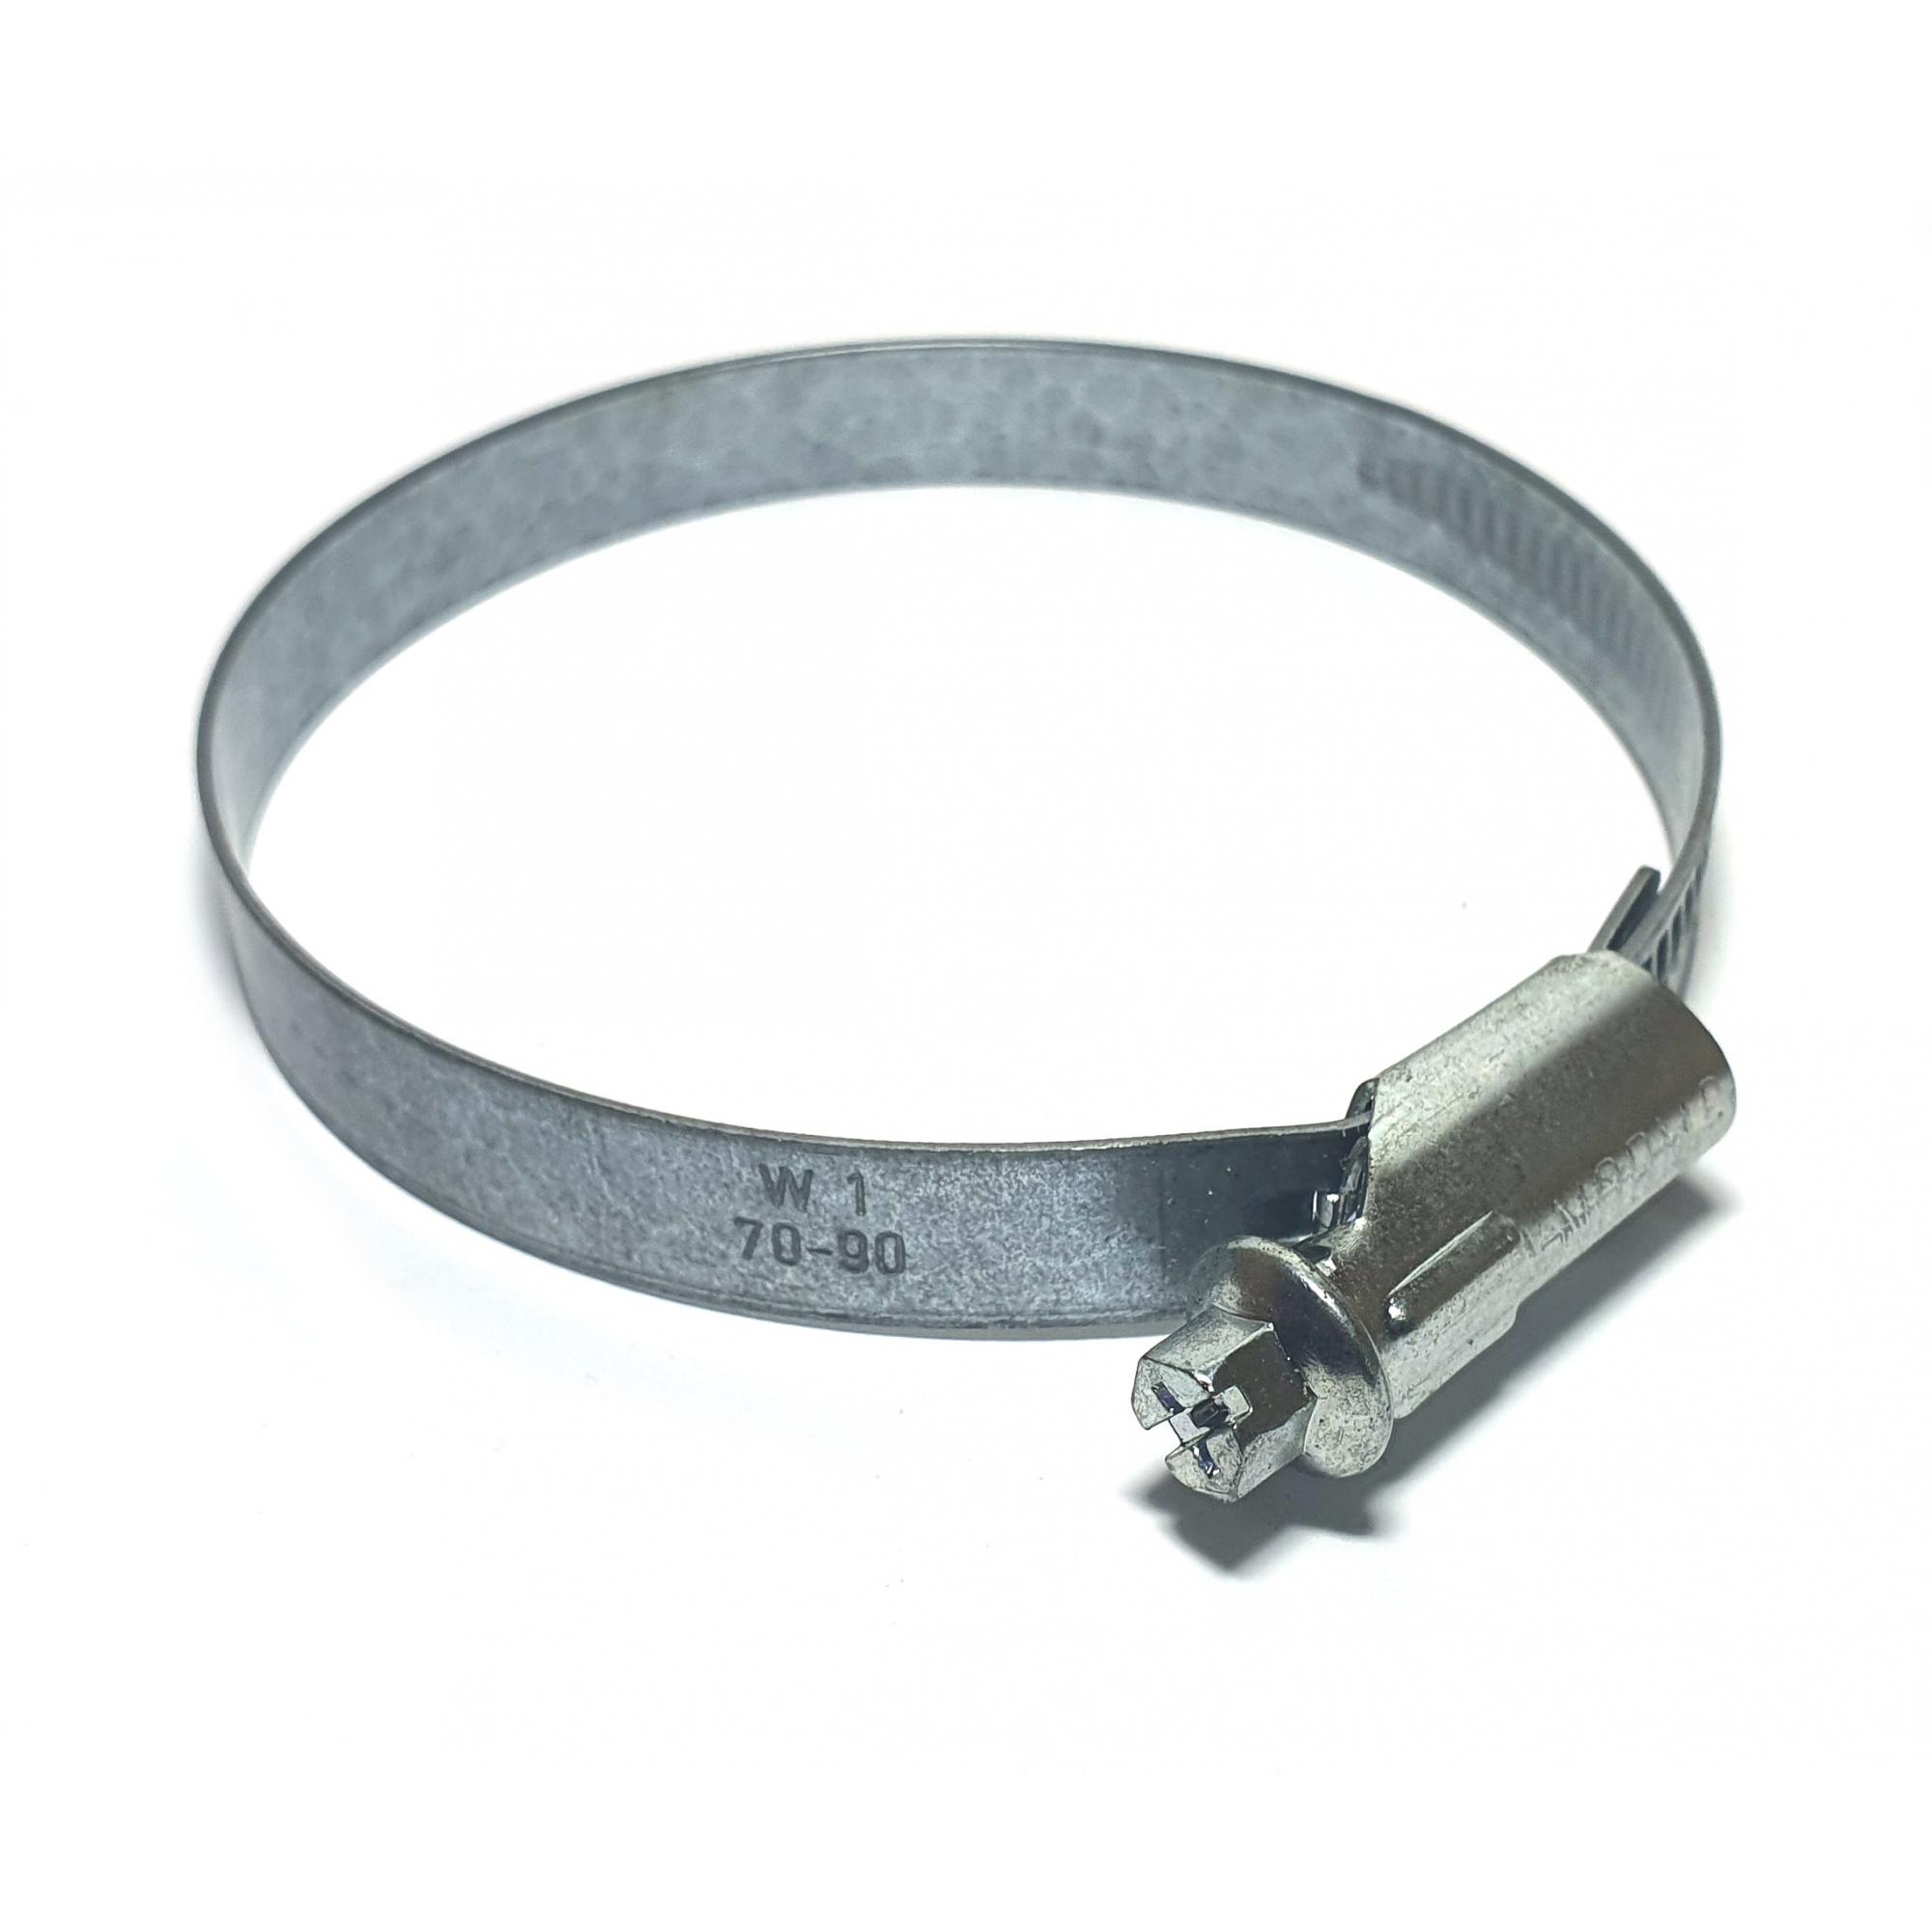 abraçadeira regulavel 14,5mm 70-90mm